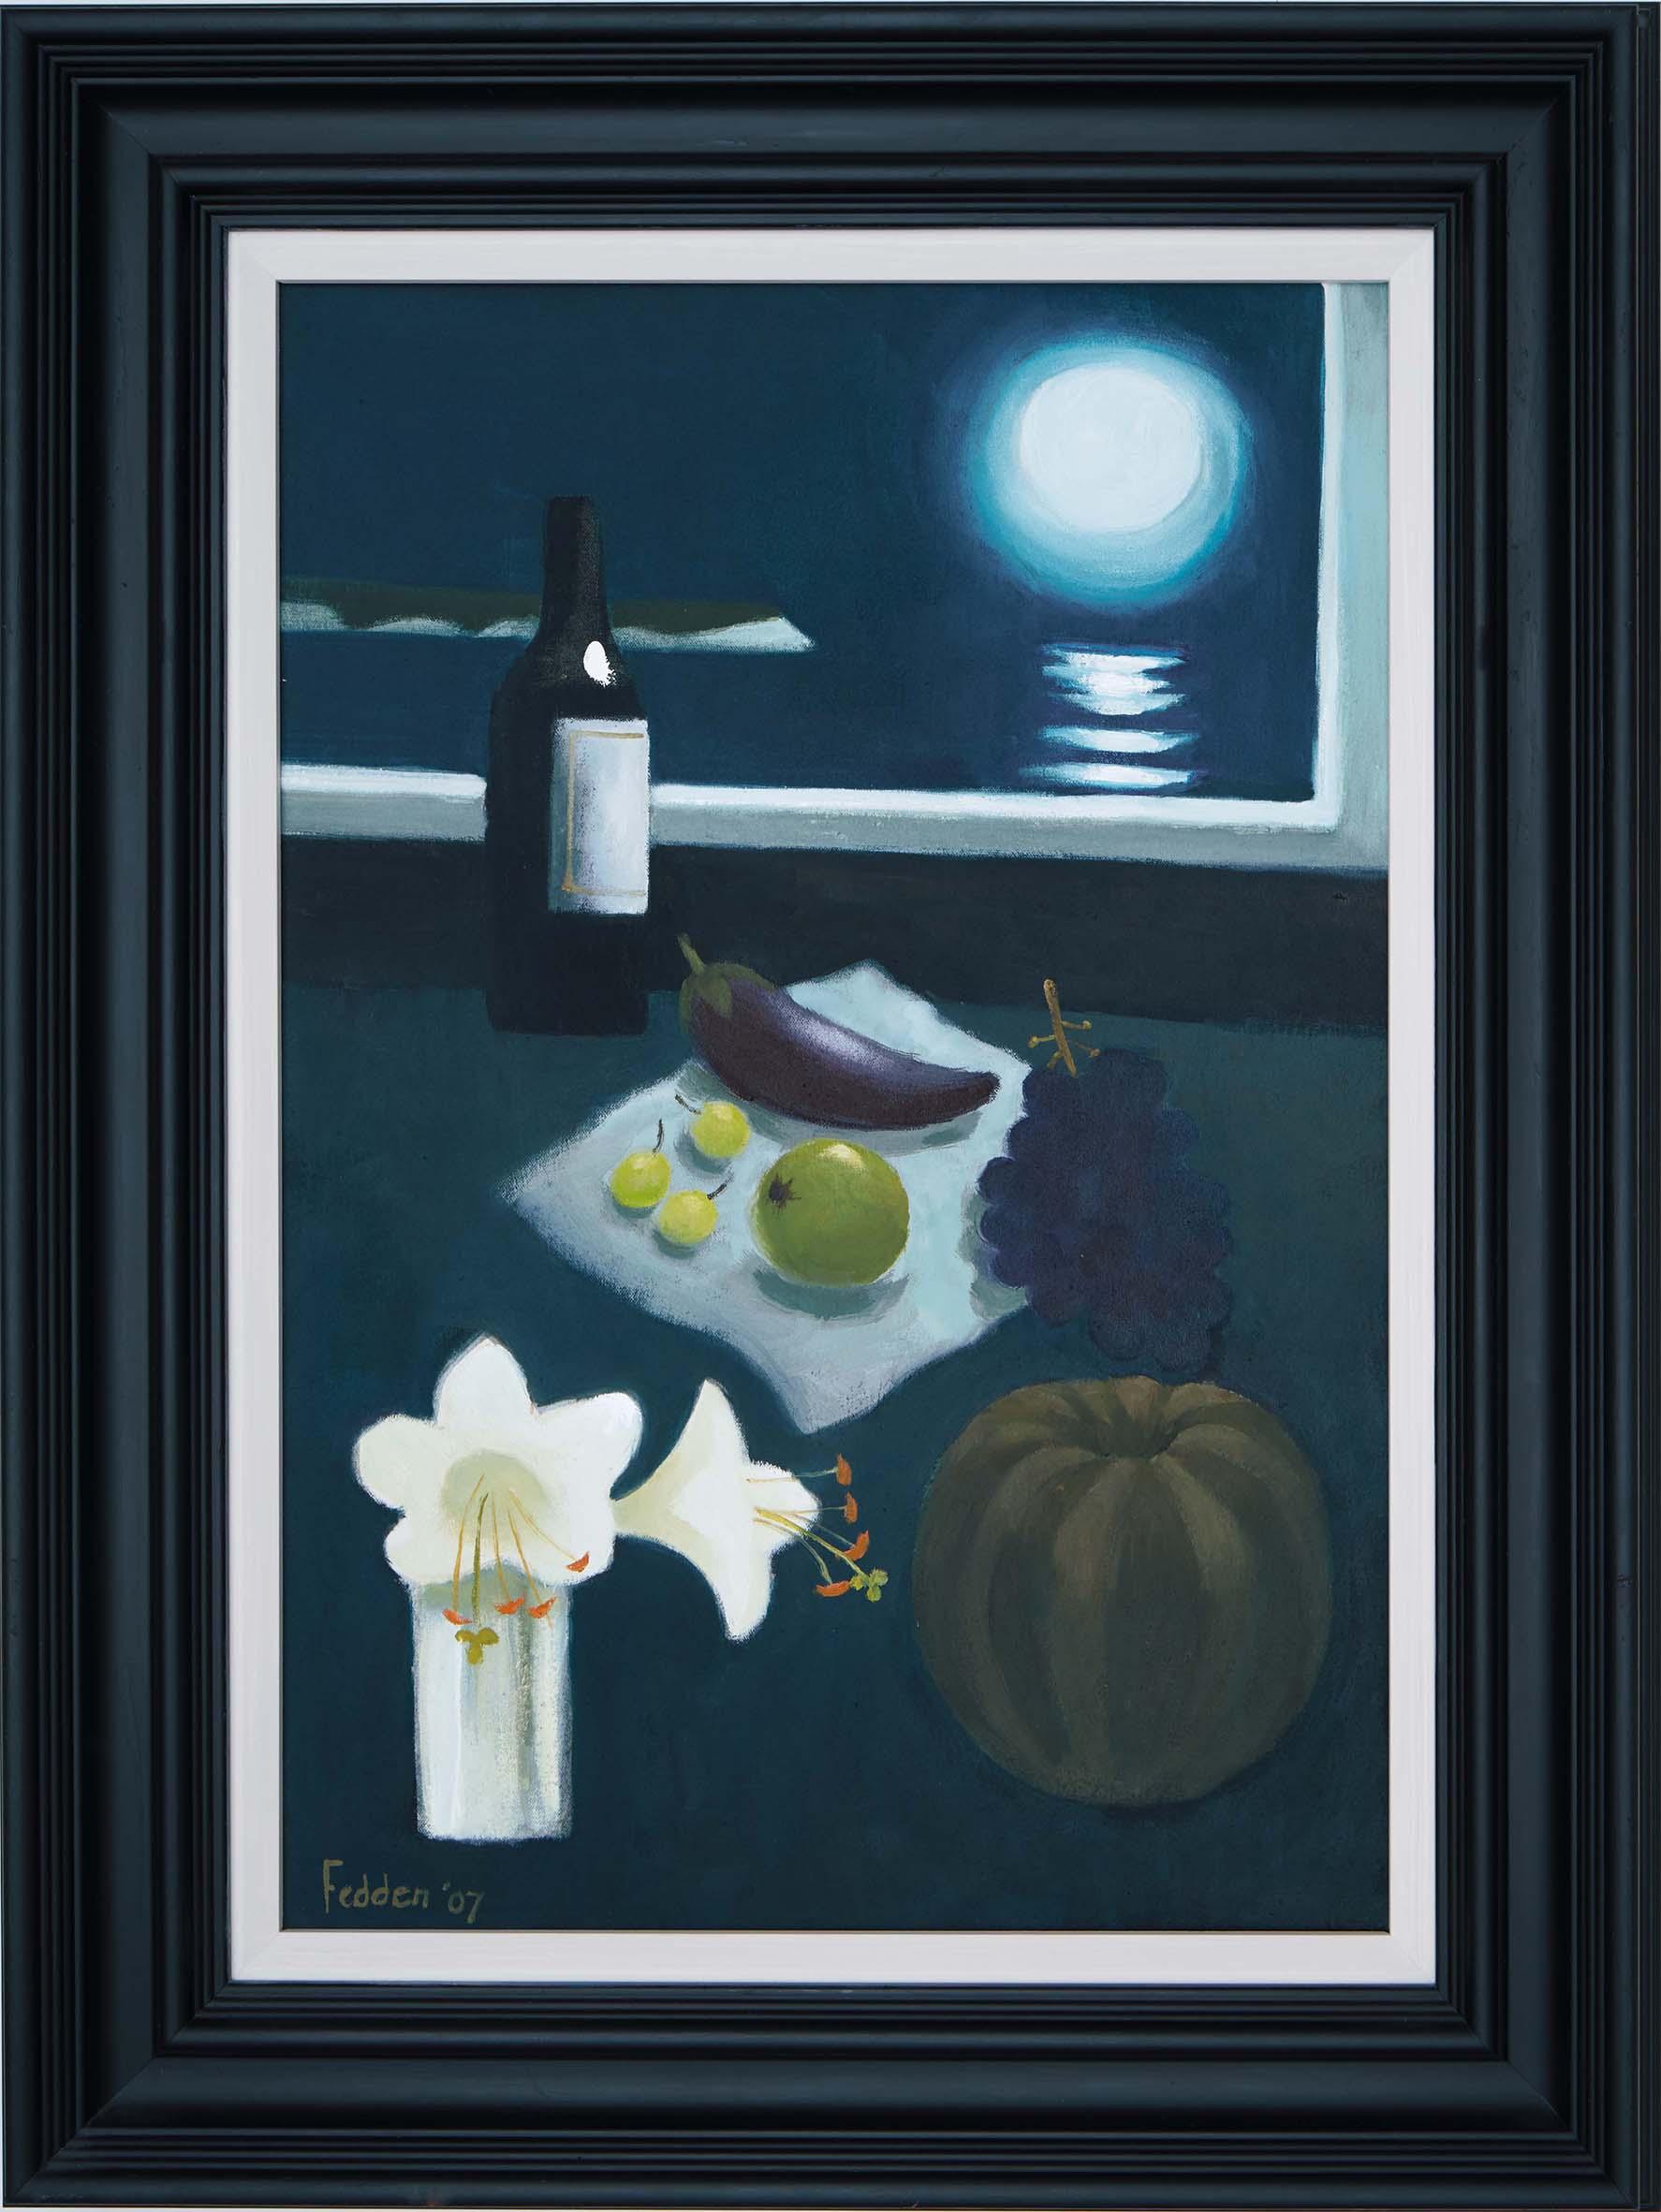 mary-fedden-moonlight-frame